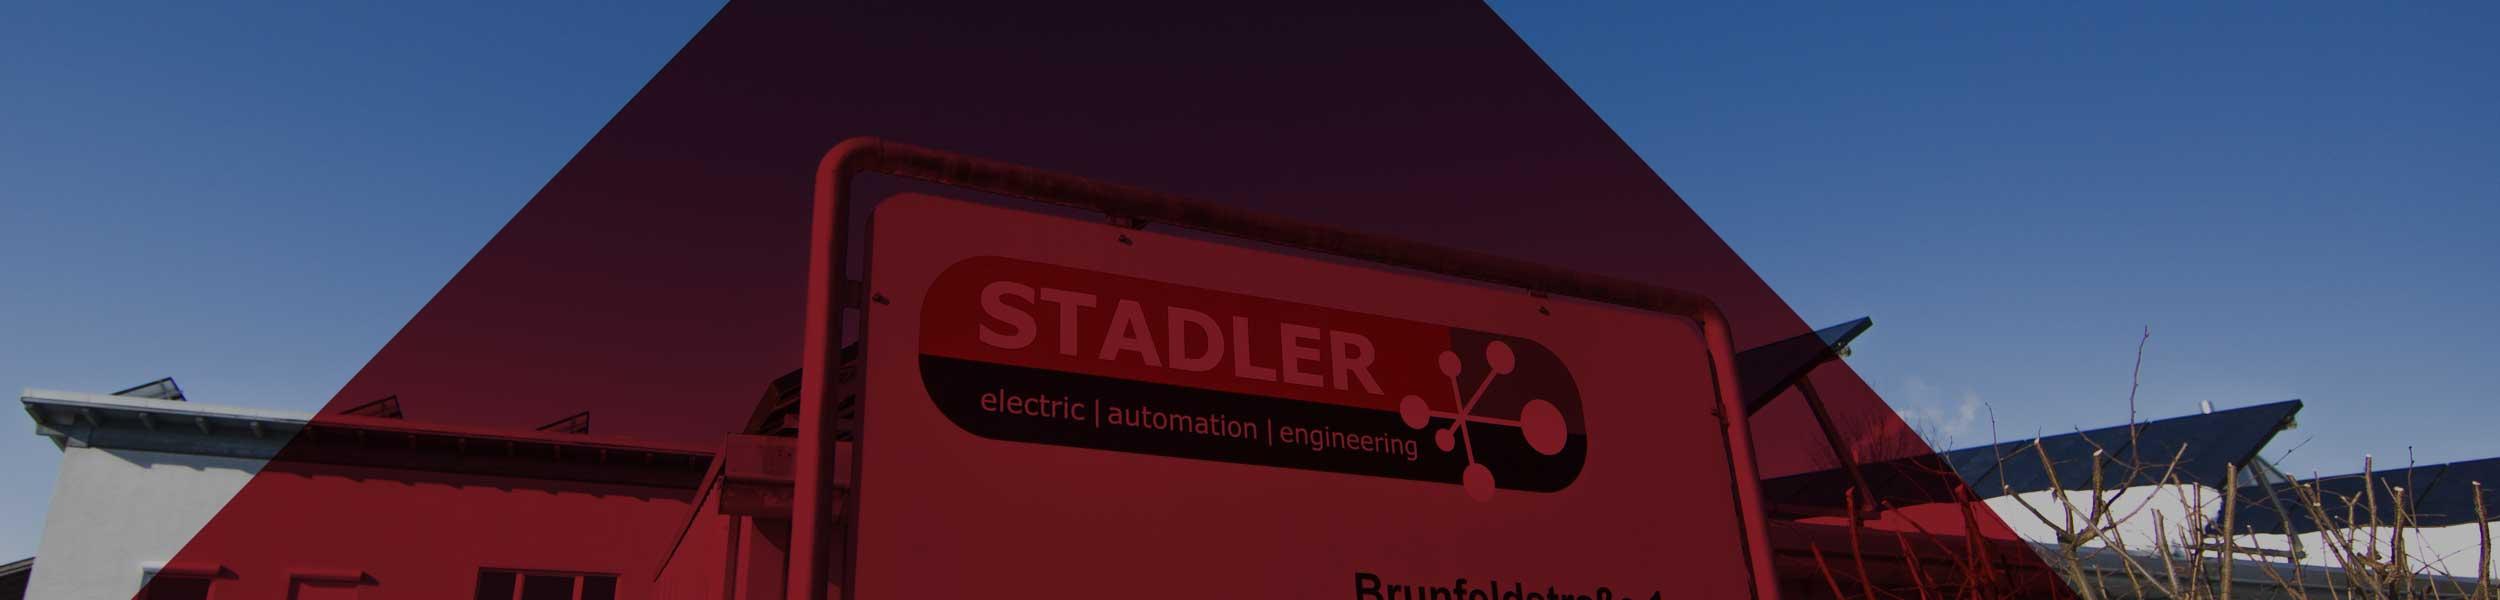 Stadler-bg-Das-Unternehmen